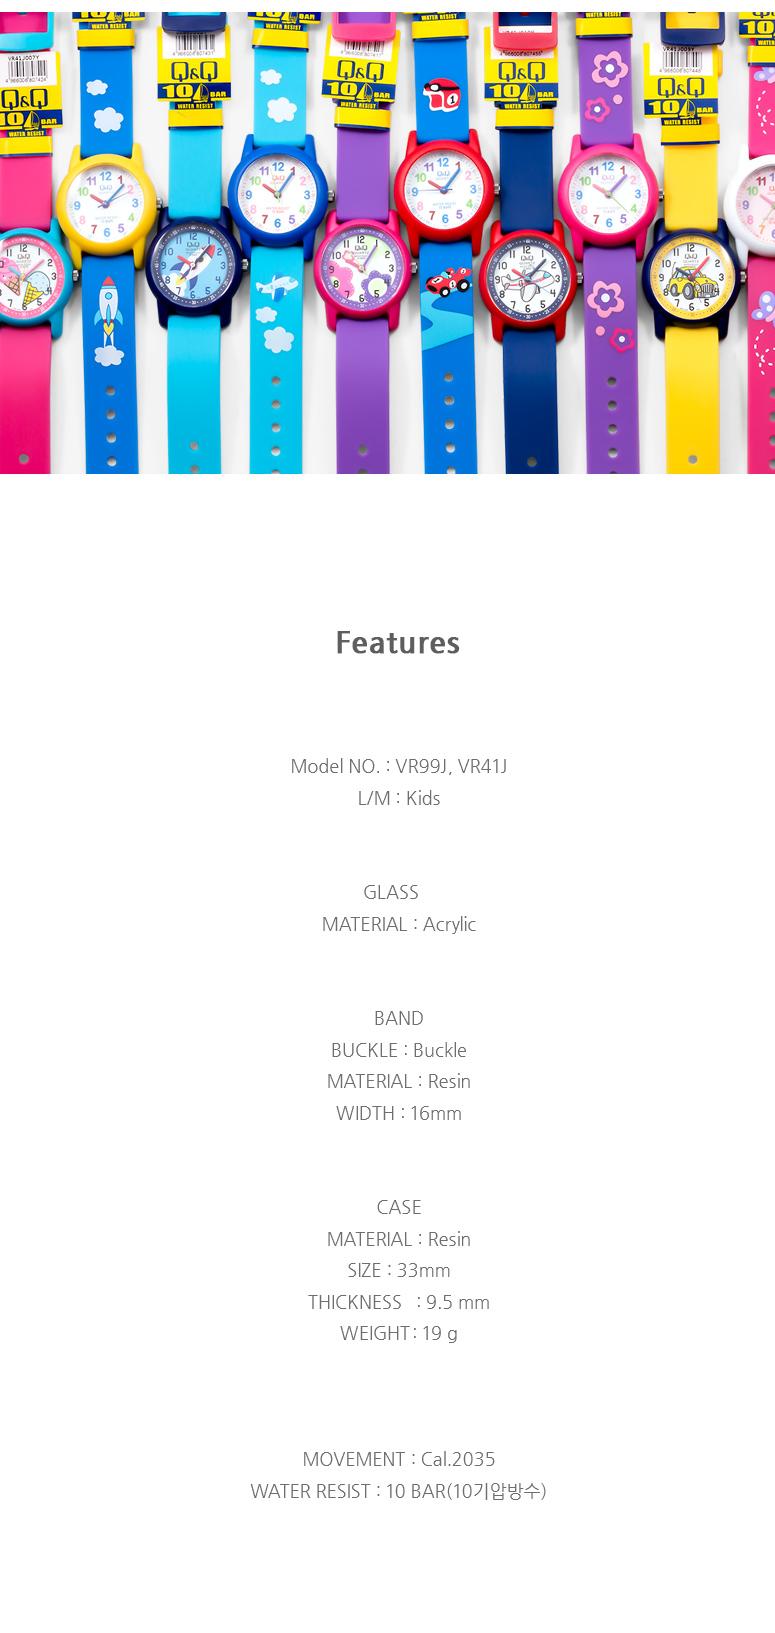 큐앤큐 남녀 어린이 초등학생 입학 아동 방수 손목 시계 선물 - 더미스테리, 17,900원, 액세서리, 주얼리/시계